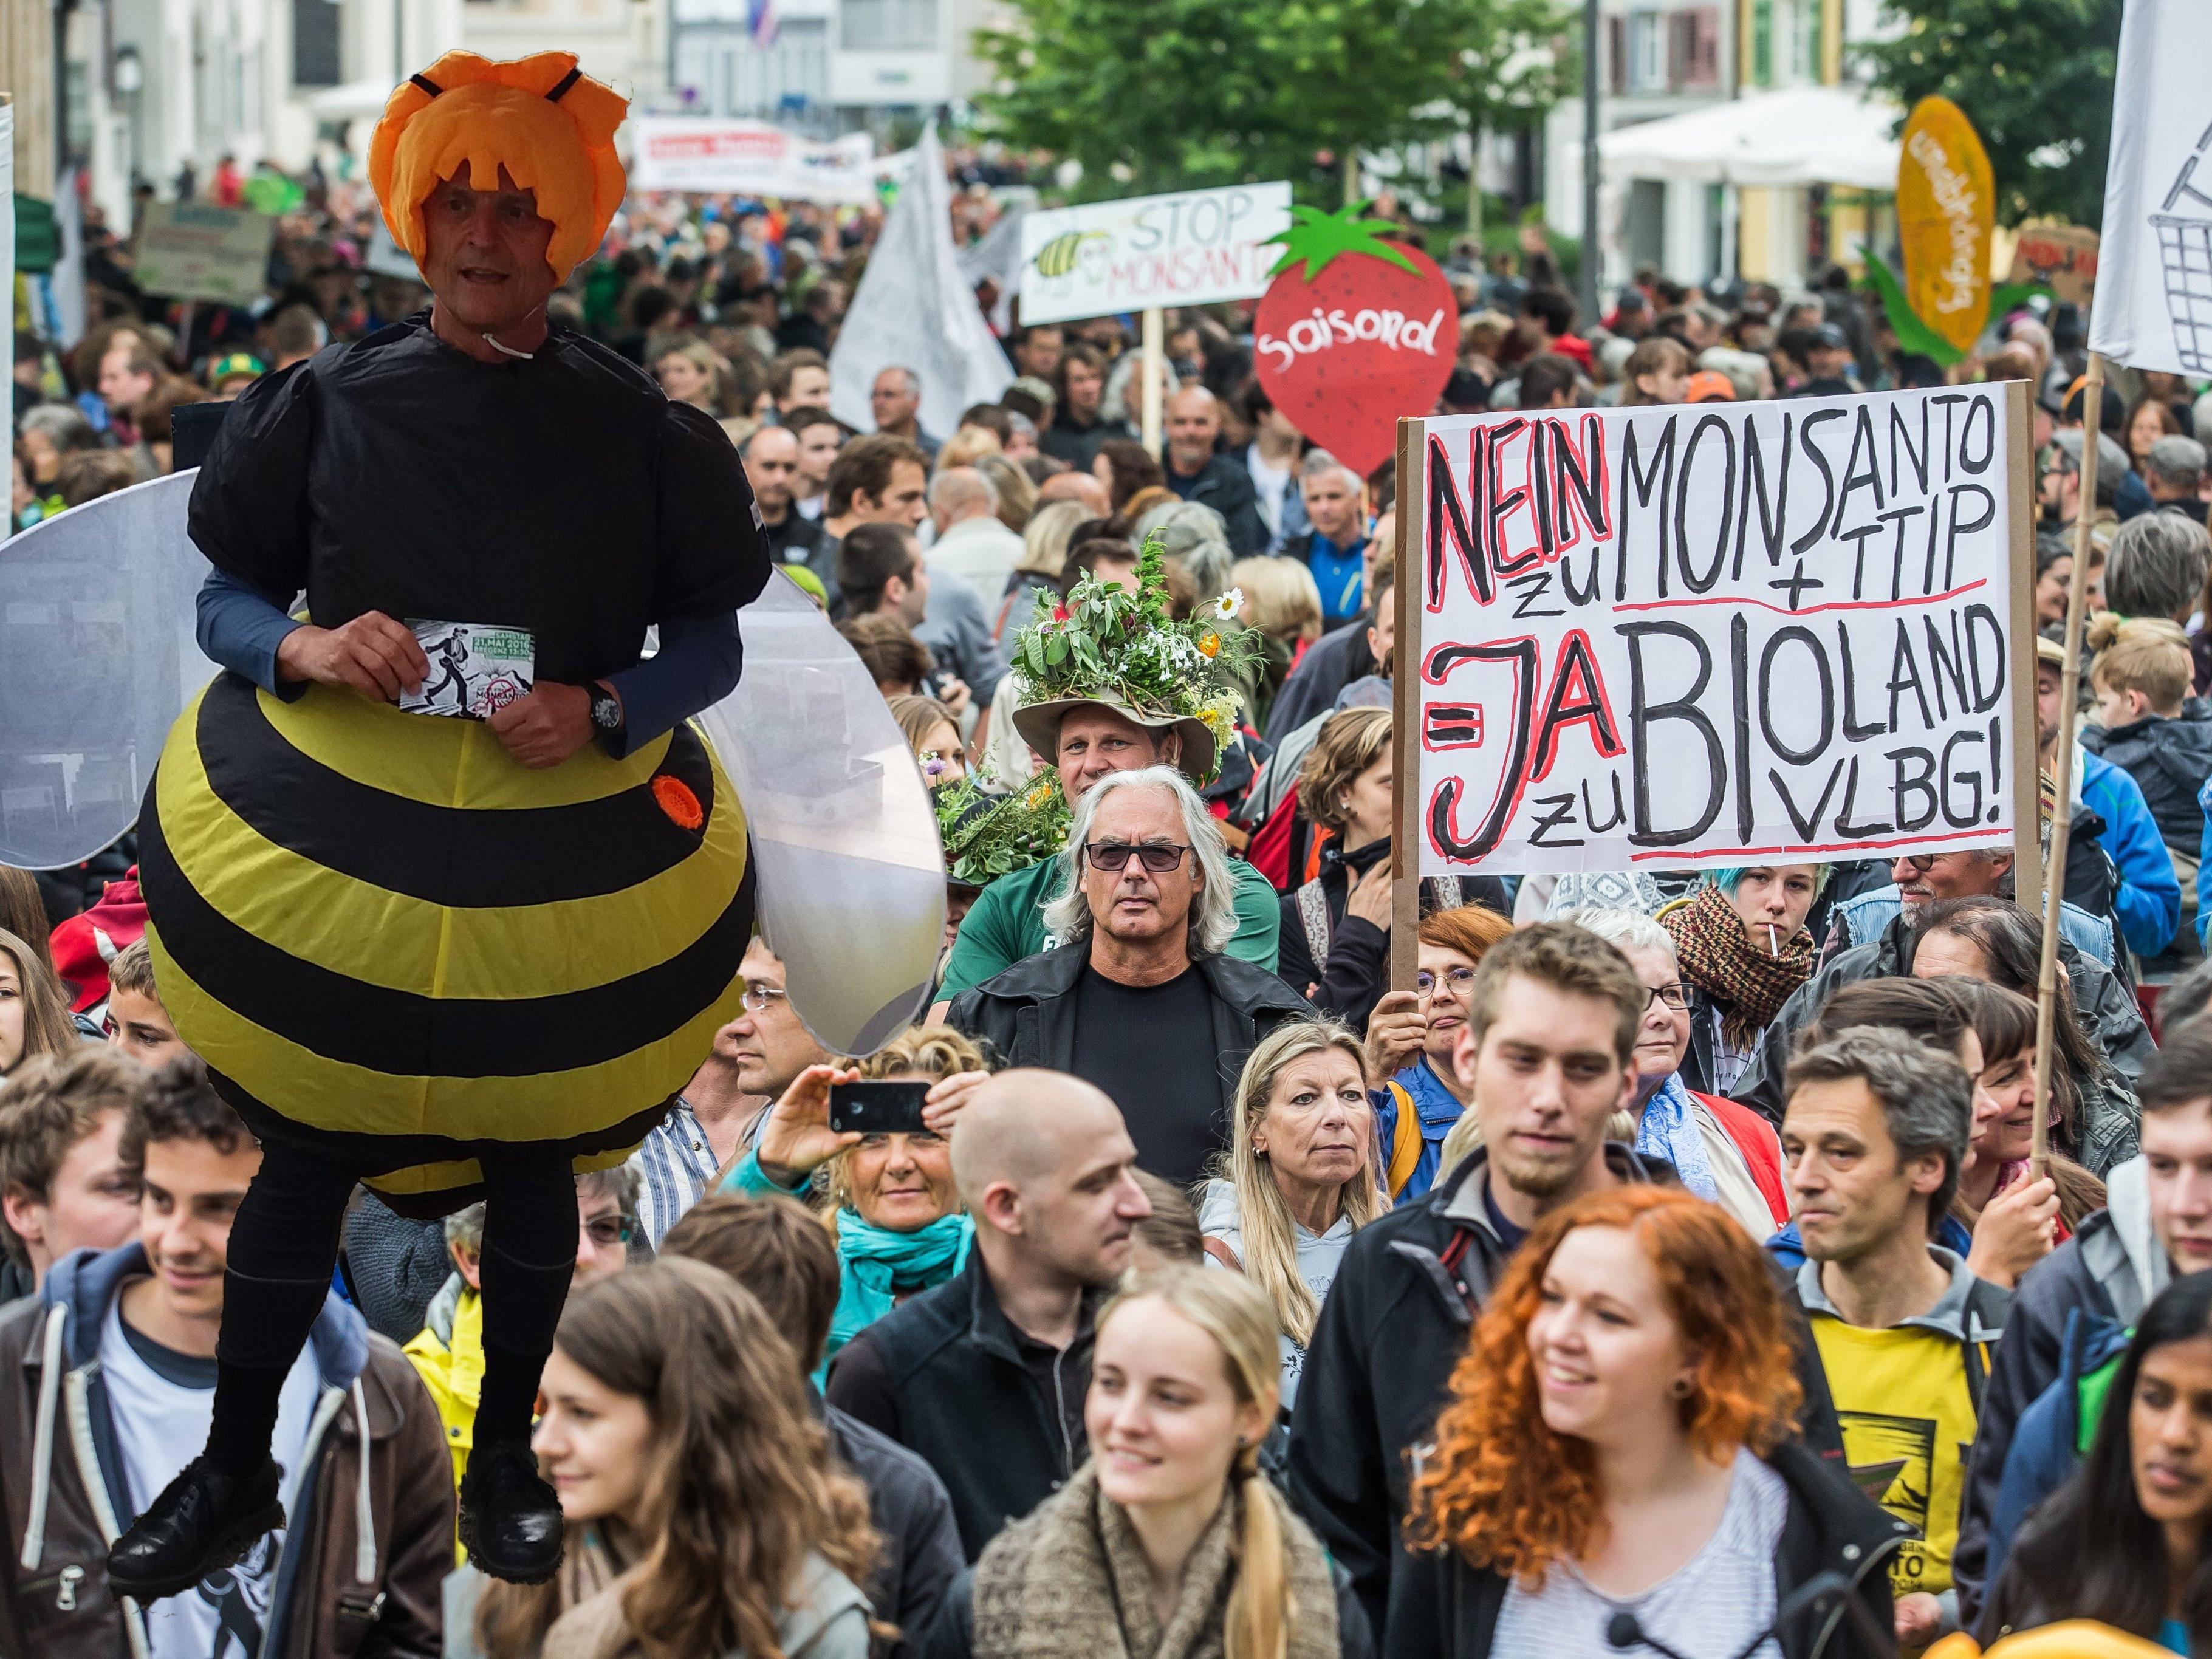 In Bregenz wird heute, Samstag gegen TTIP und Monsanto demonstriert.